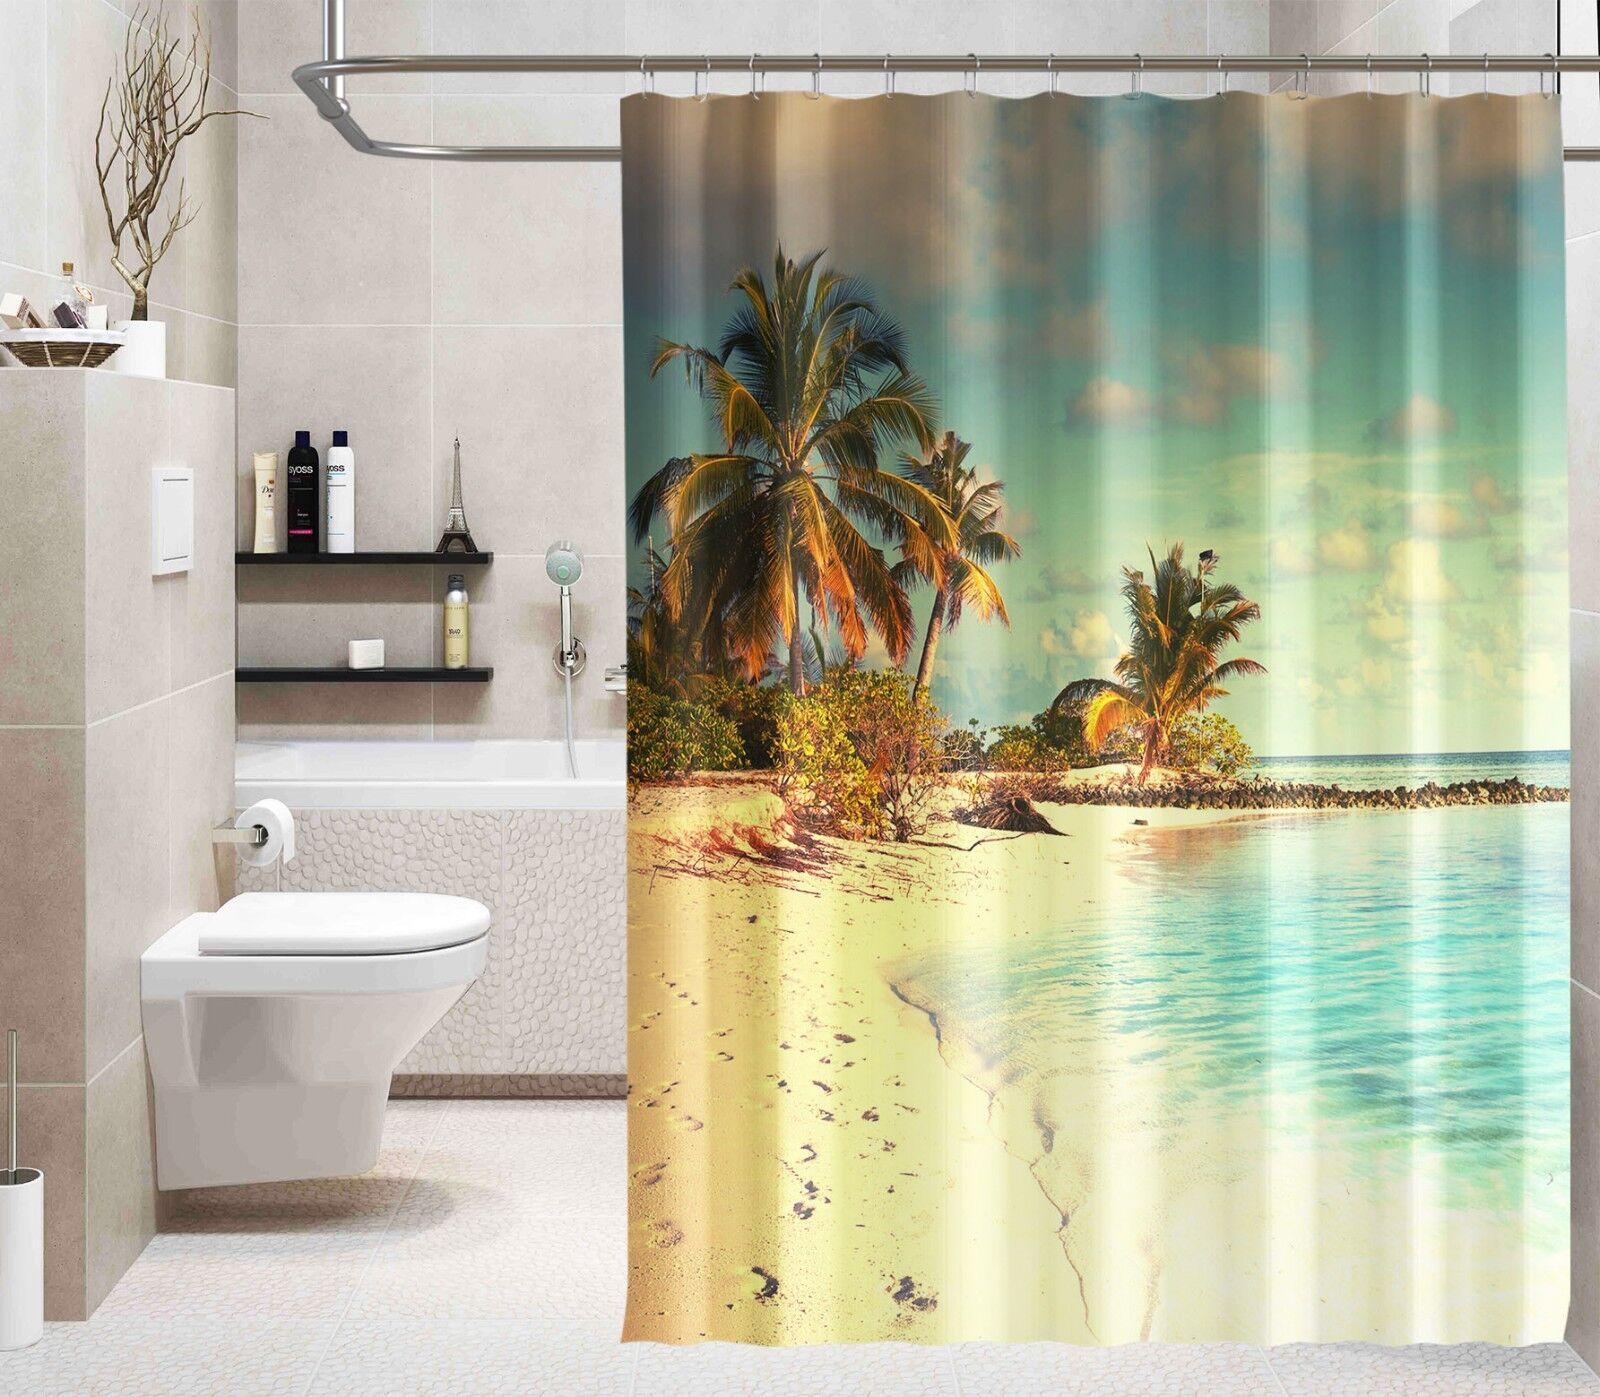 3D Strand Baum 30 Duschvorhang Duschvorhang Duschvorhang Wasserdicht Faser Bad Daheim Windows Toilette DE | Ausgang  0b9ee6